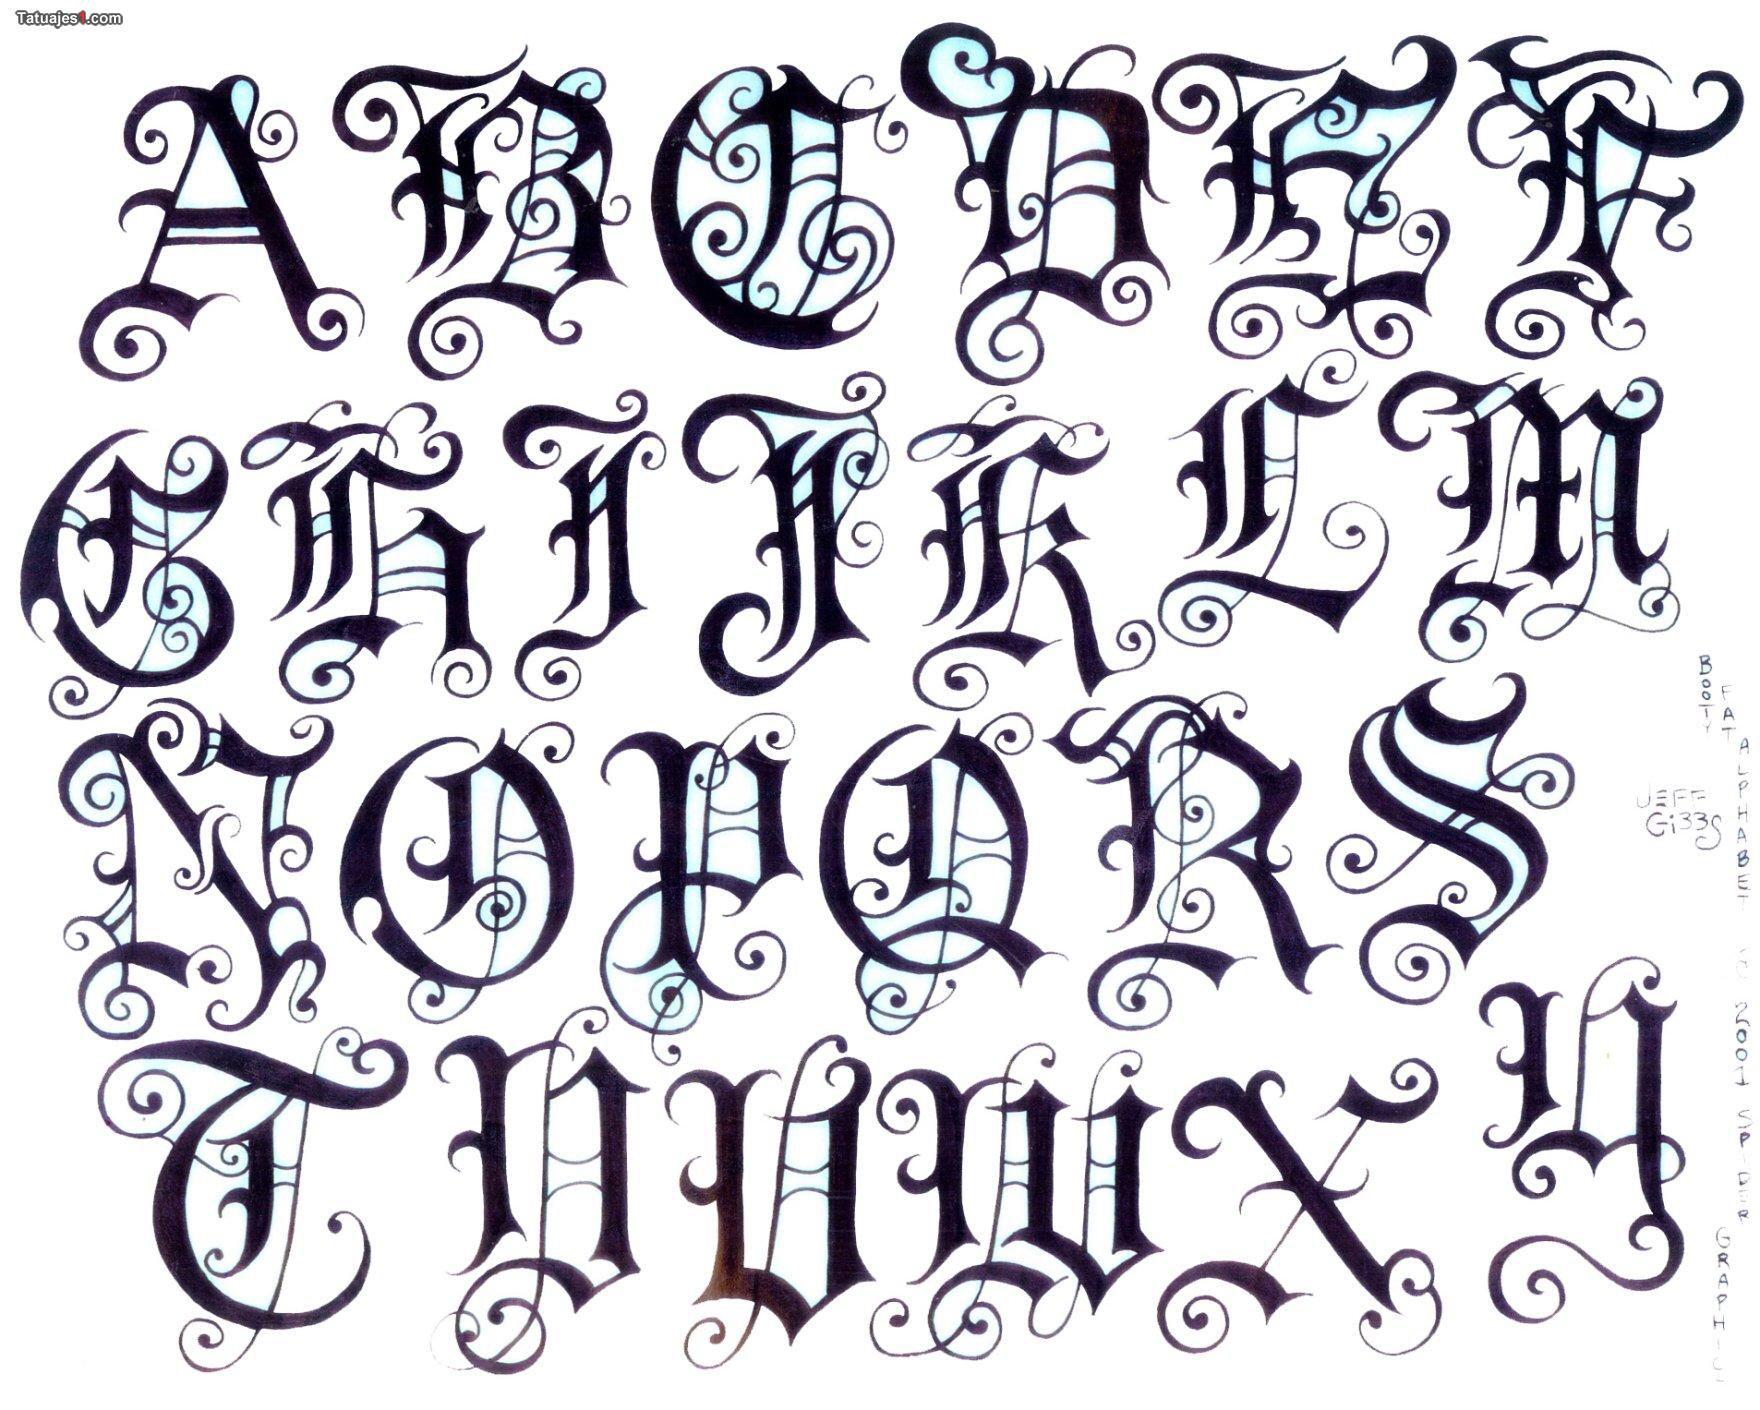 Letras Goticas, Tatuajes Abecedario, Abecedario Imagui, Caligrafía, Capitulares Plantillas, Tipografía, 21 Lindas, Plantillas Buscar, Letras Capitulares